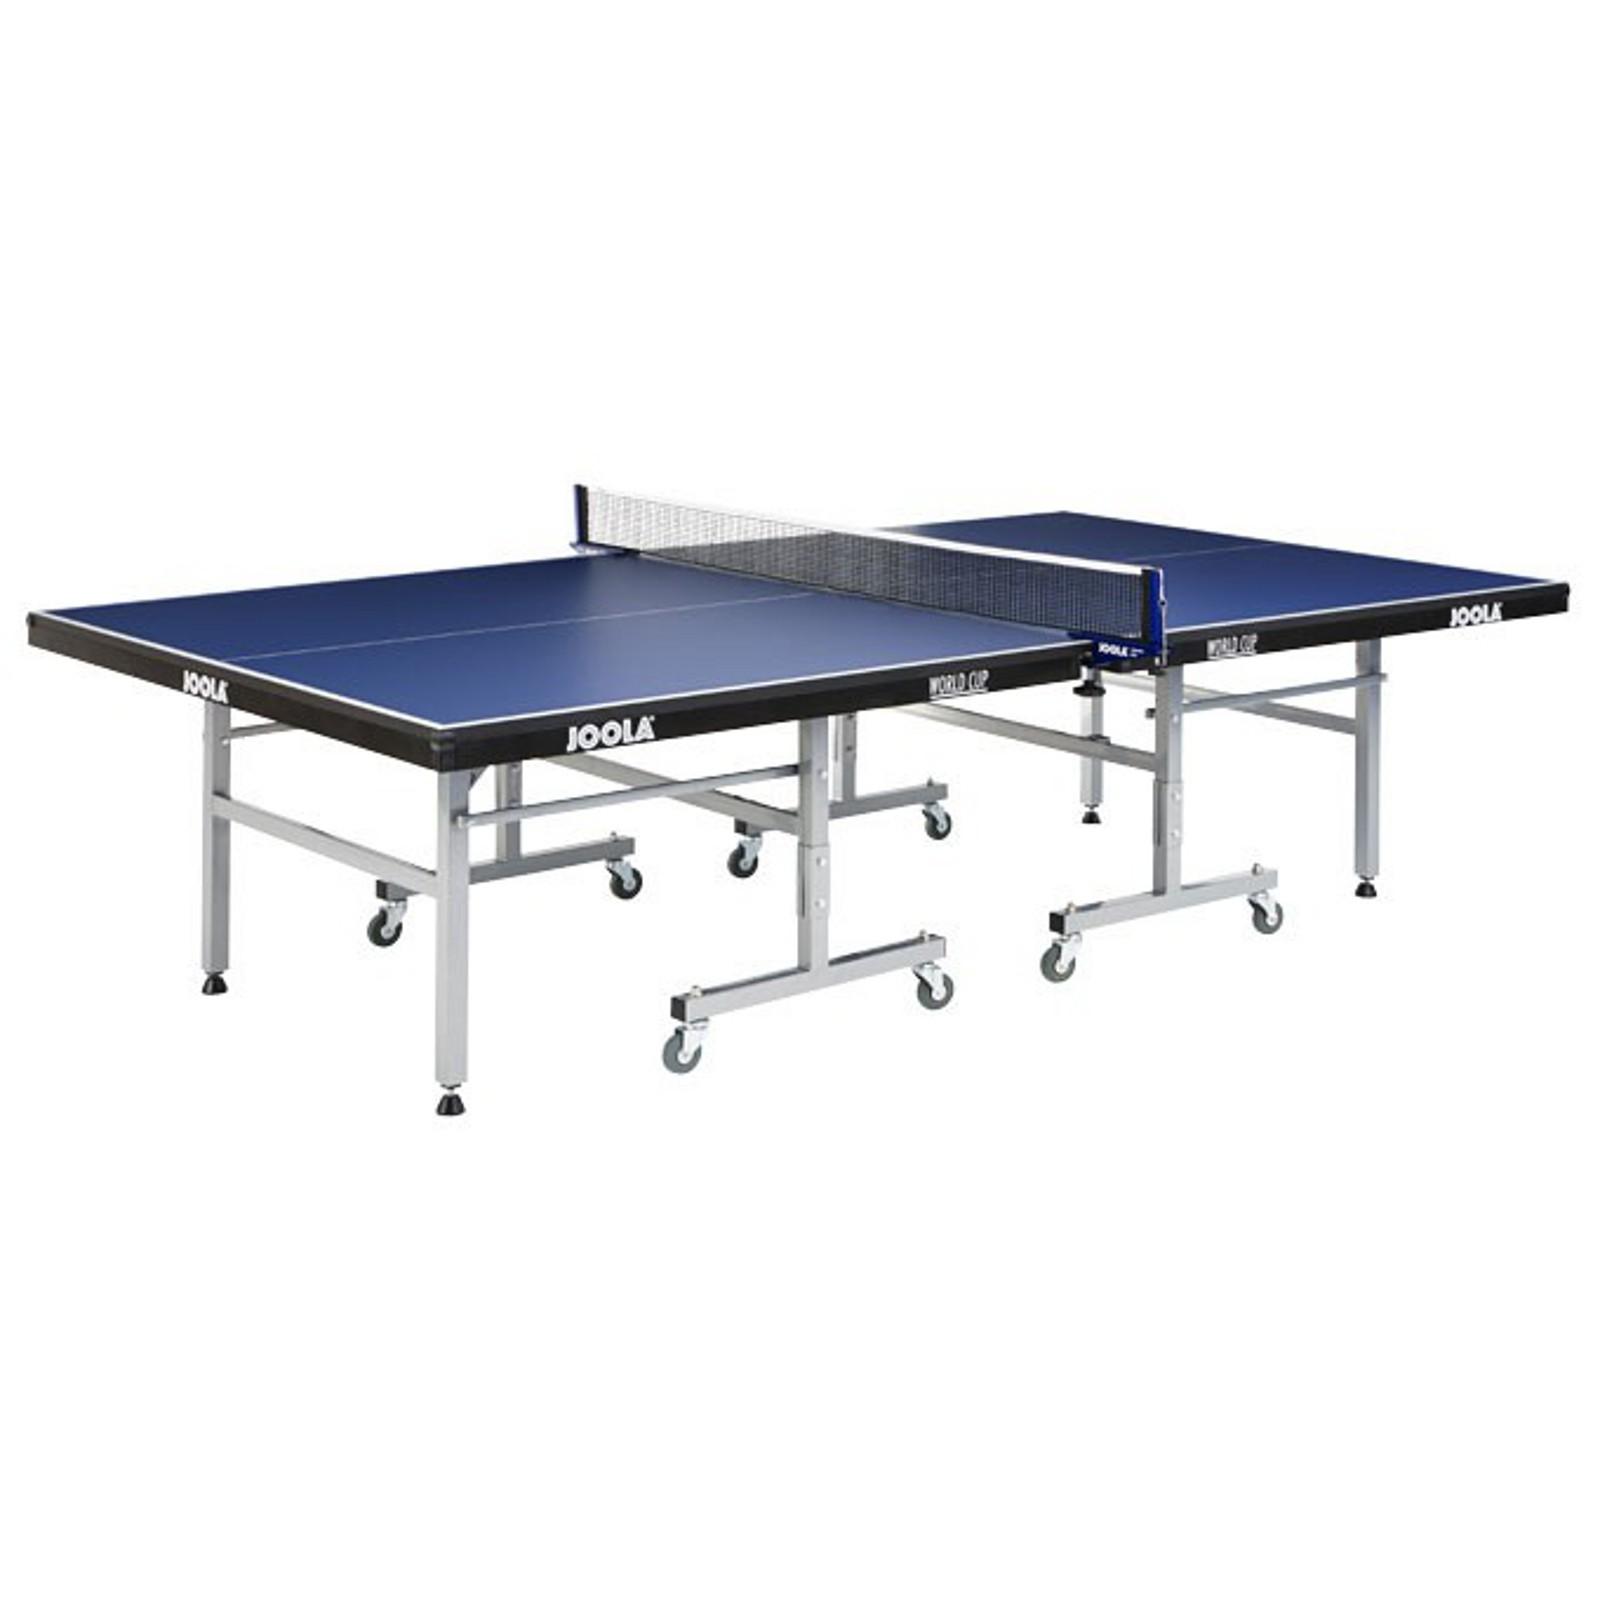 507b6c17a Foto del producto. Loading zoom. joola. Mesa de Ping Pong ...